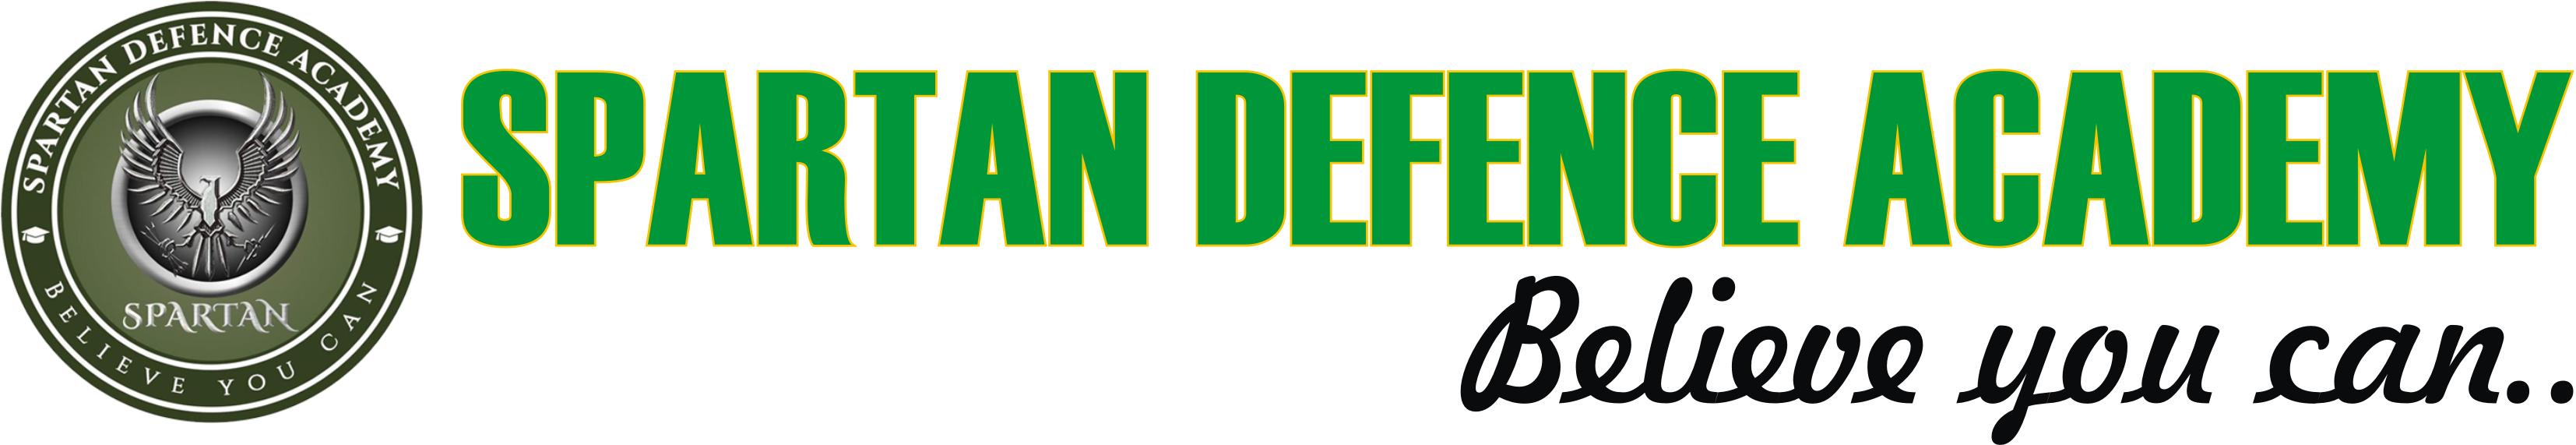 Spartan Defence Academy